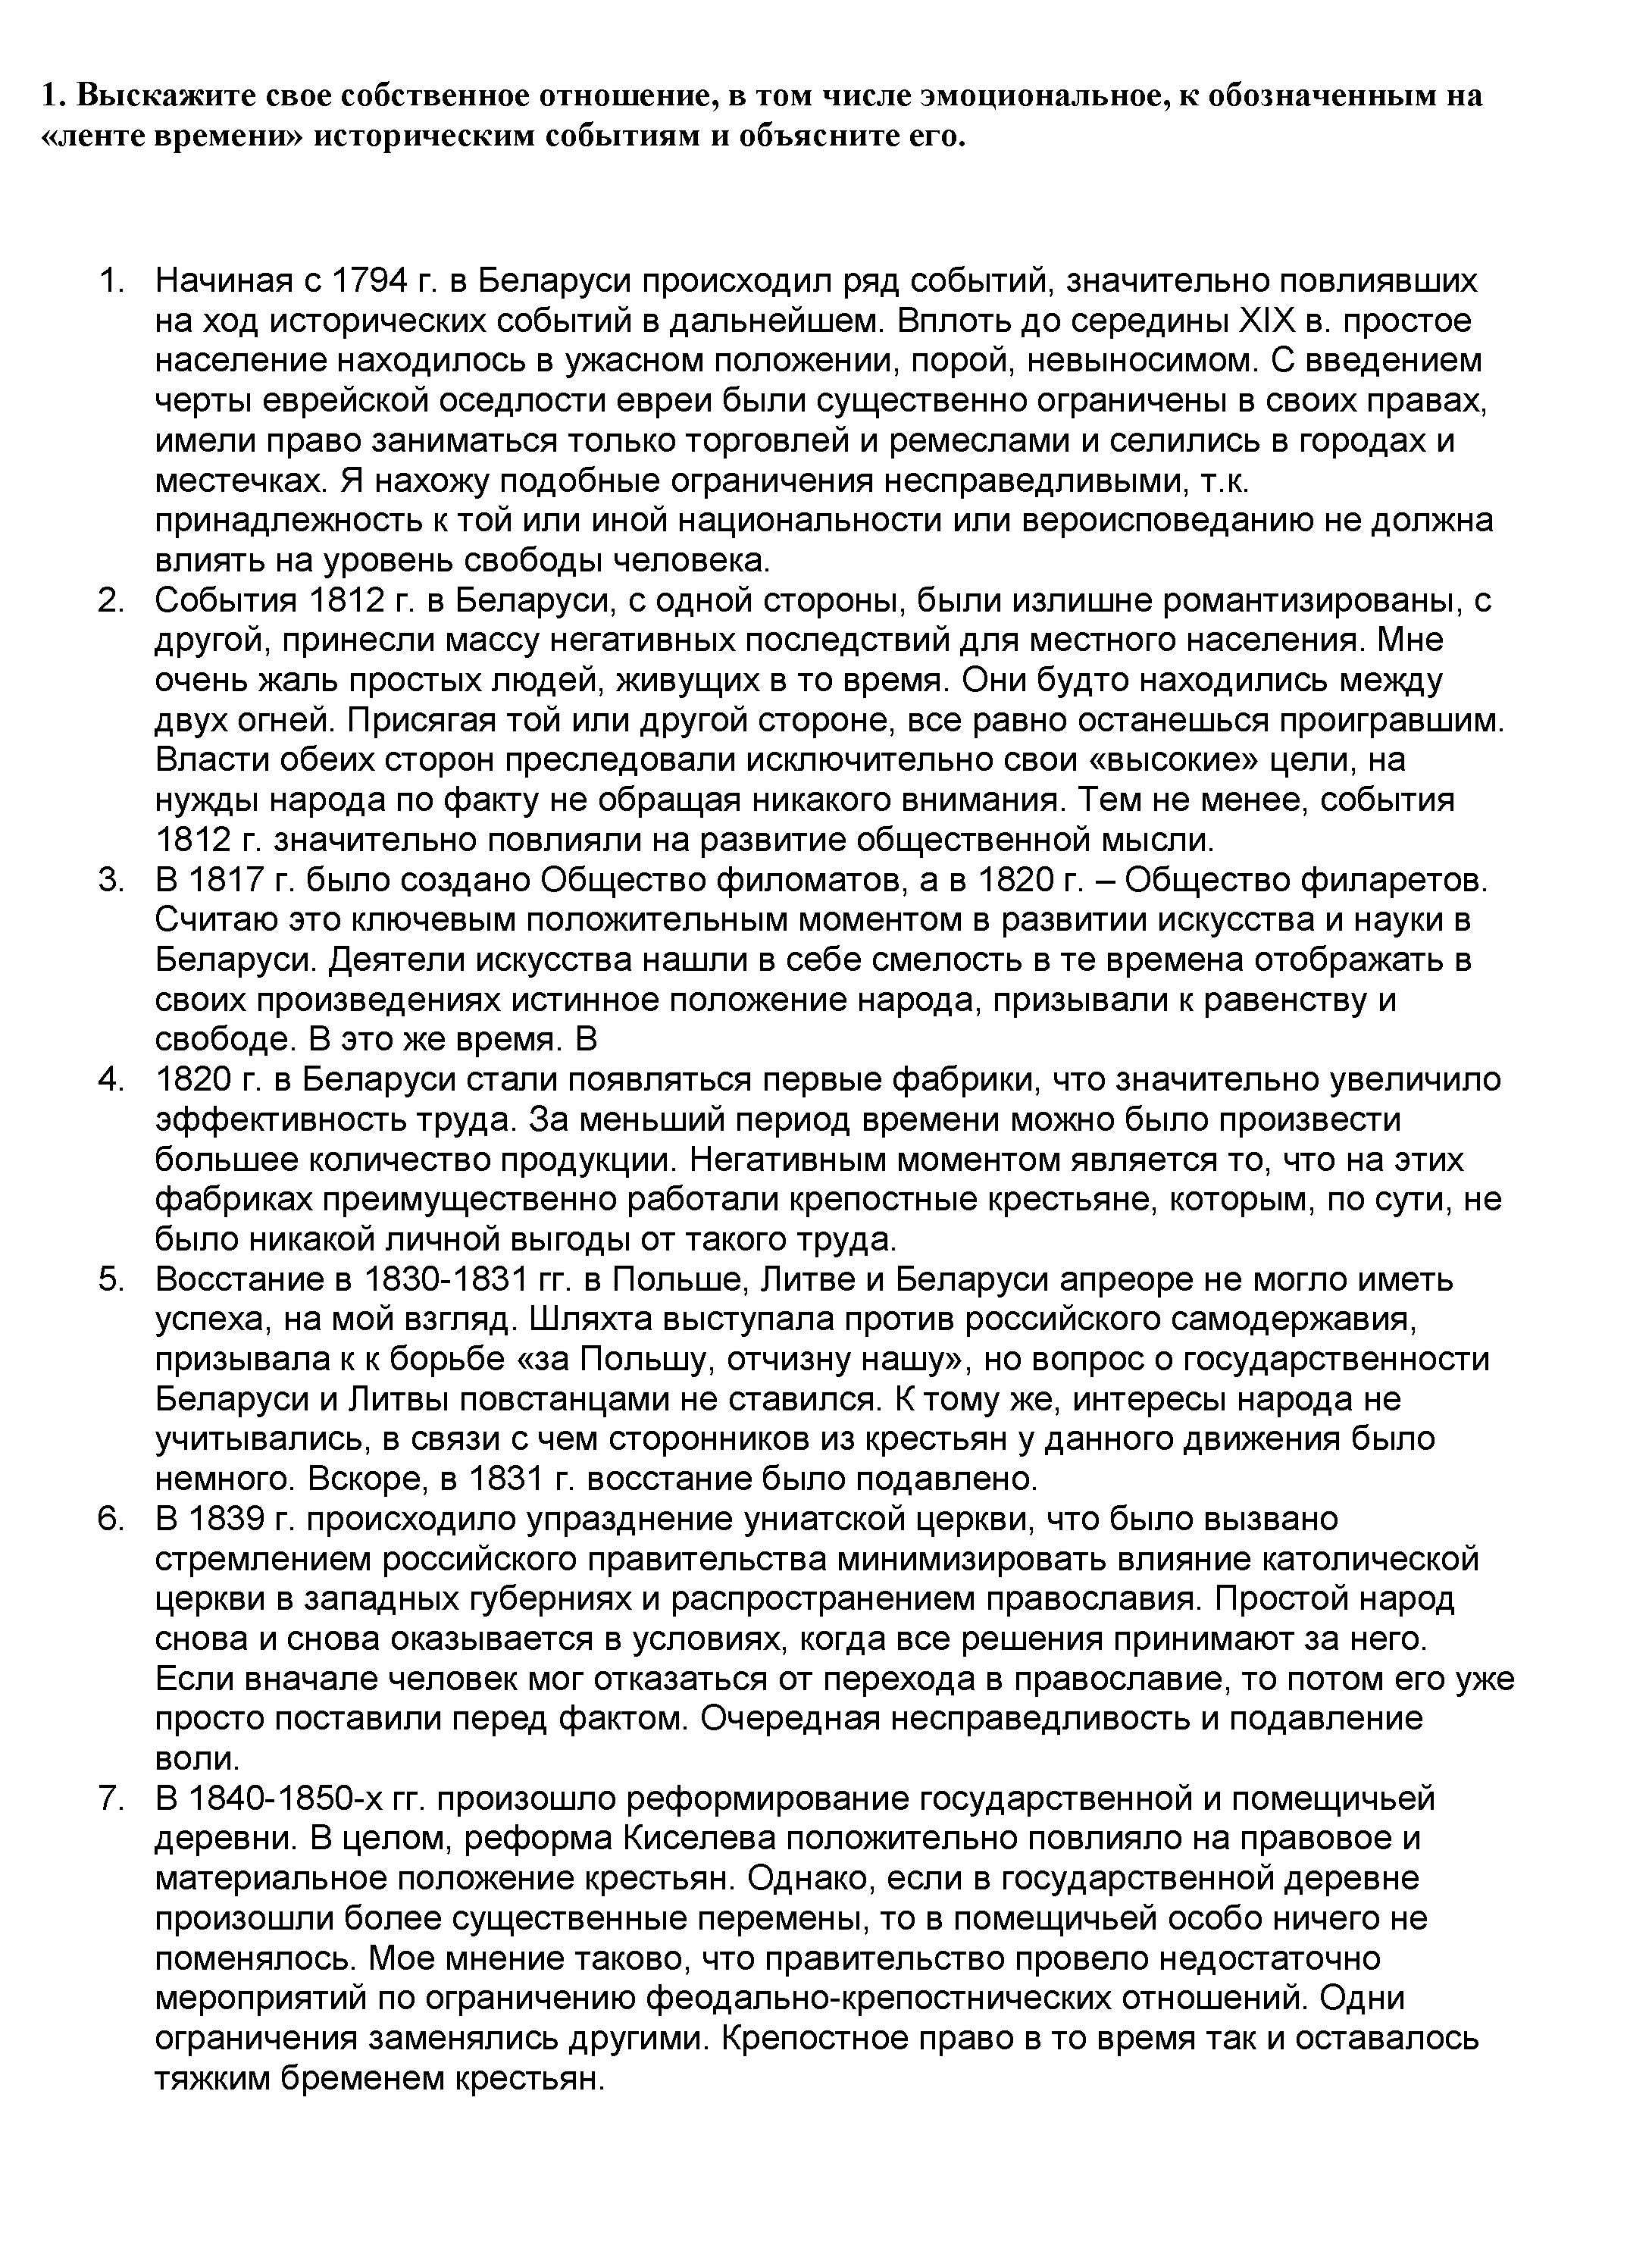 Задания из параграфа  11. Обобщение к разделу I: 1 - решение